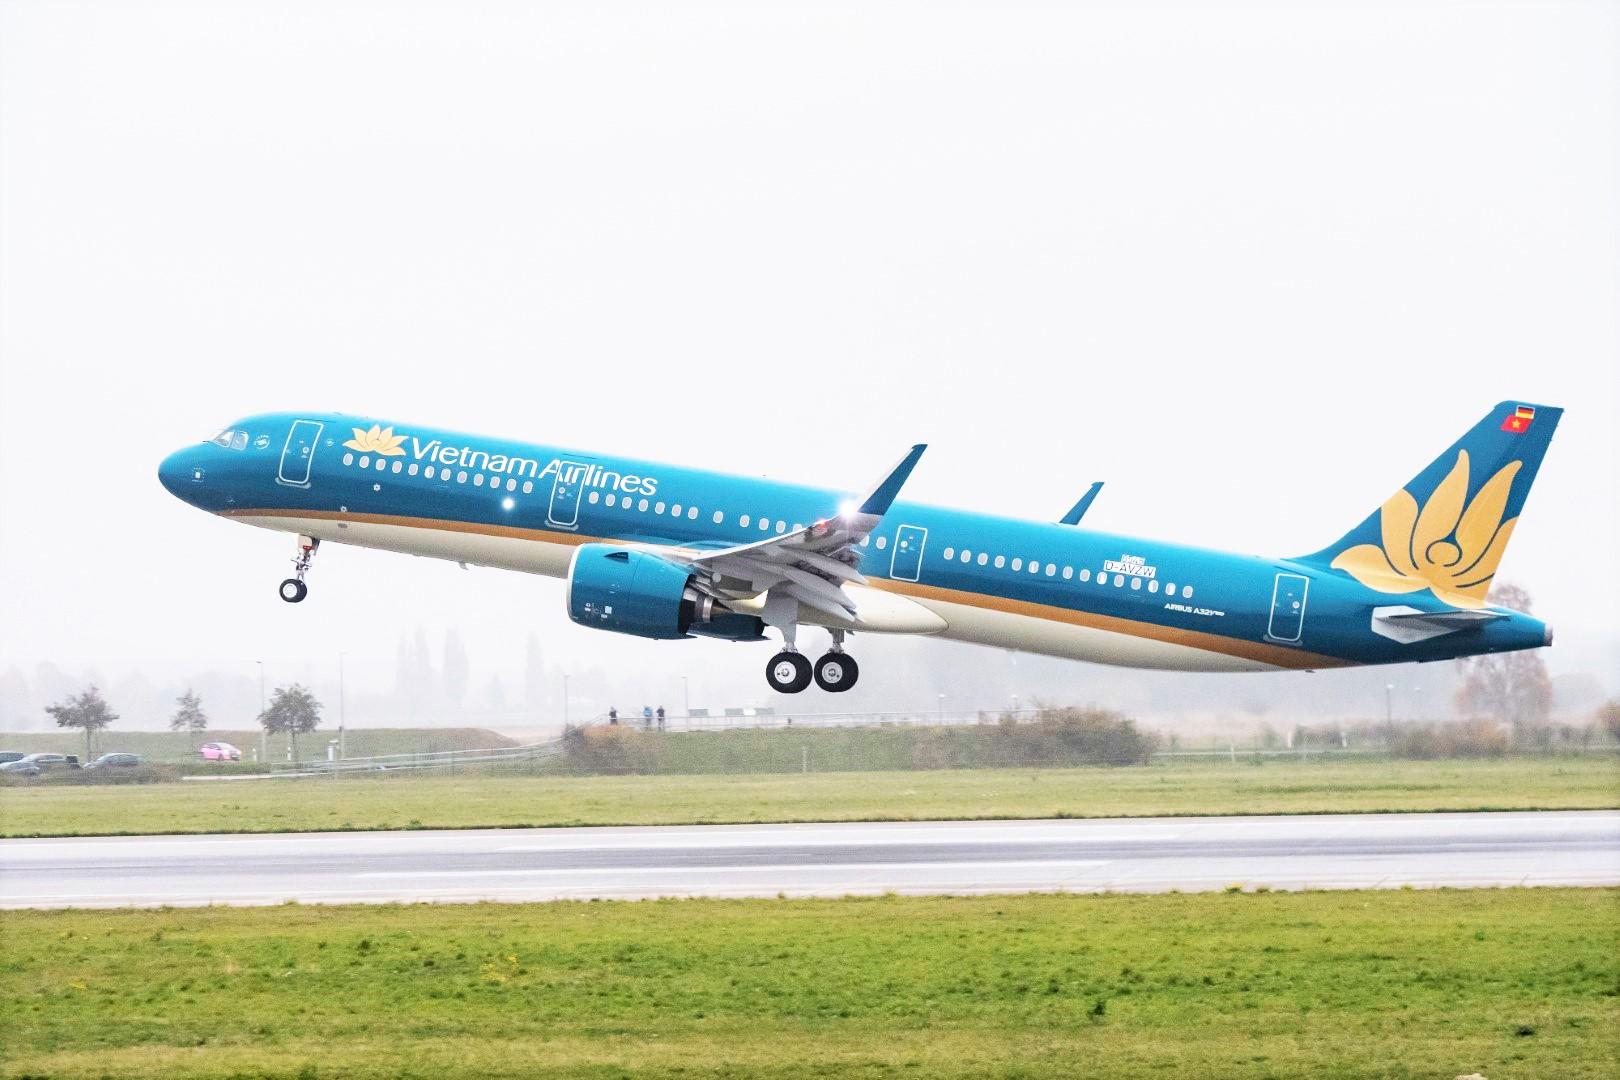 Việc khai thác trở lại đồng loạt 6 đường bay nội địa sắp tới đánh dấu nỗ lực vượt khó mạnh mẽ nhằm khôi phục sản xuất kinh doanh của Vietnam Airlines.